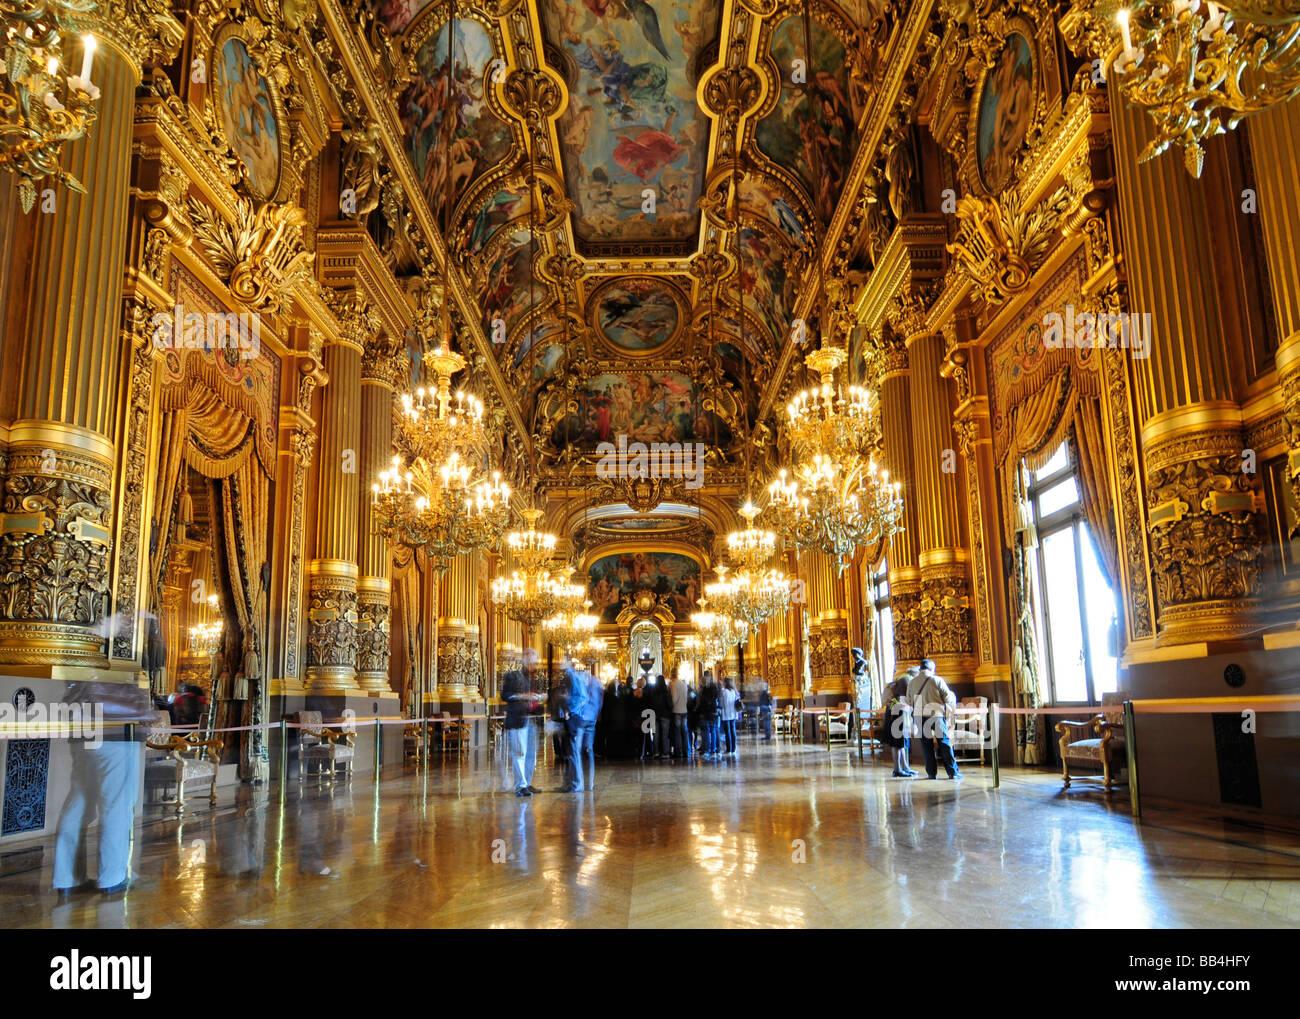 L Opéra Garnier Grand Foyer De L Opera : L intérieur du grand foyer palais garnier la plus